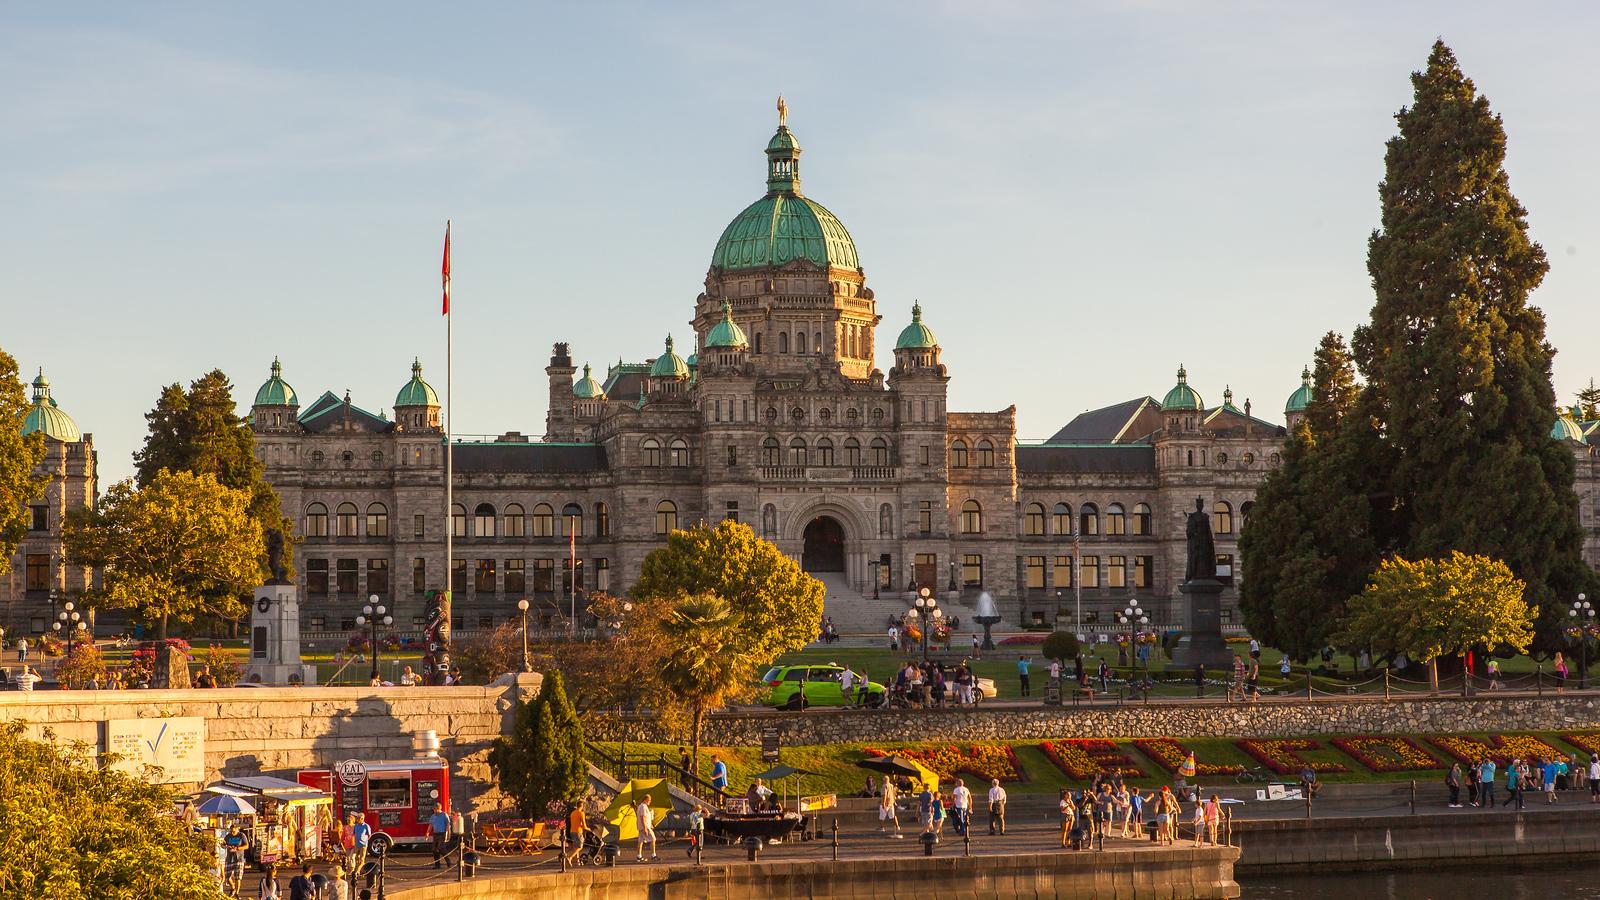 加拿大维多利亚,漂亮的海港城市